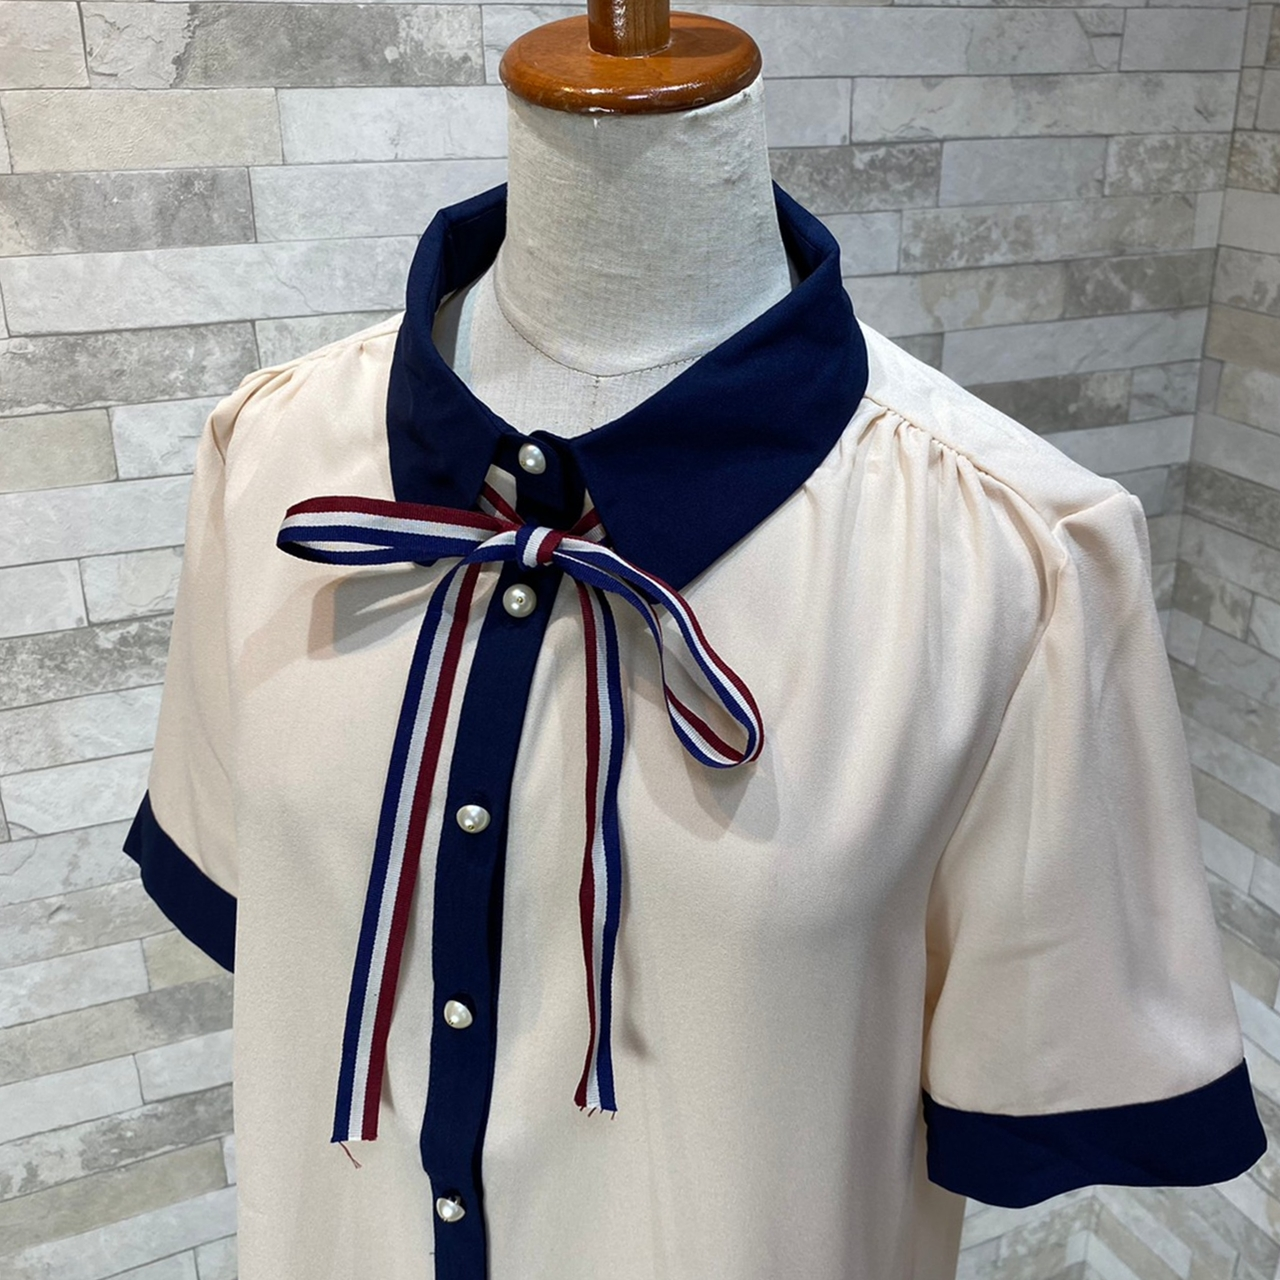 韓国 ファッション トップス ブラウス シャツ 夏 春 カジュアル PTXI735  シアー 襟付き トリコロール プレッピー オルチャン シンプル 定番 セレカジの写真17枚目